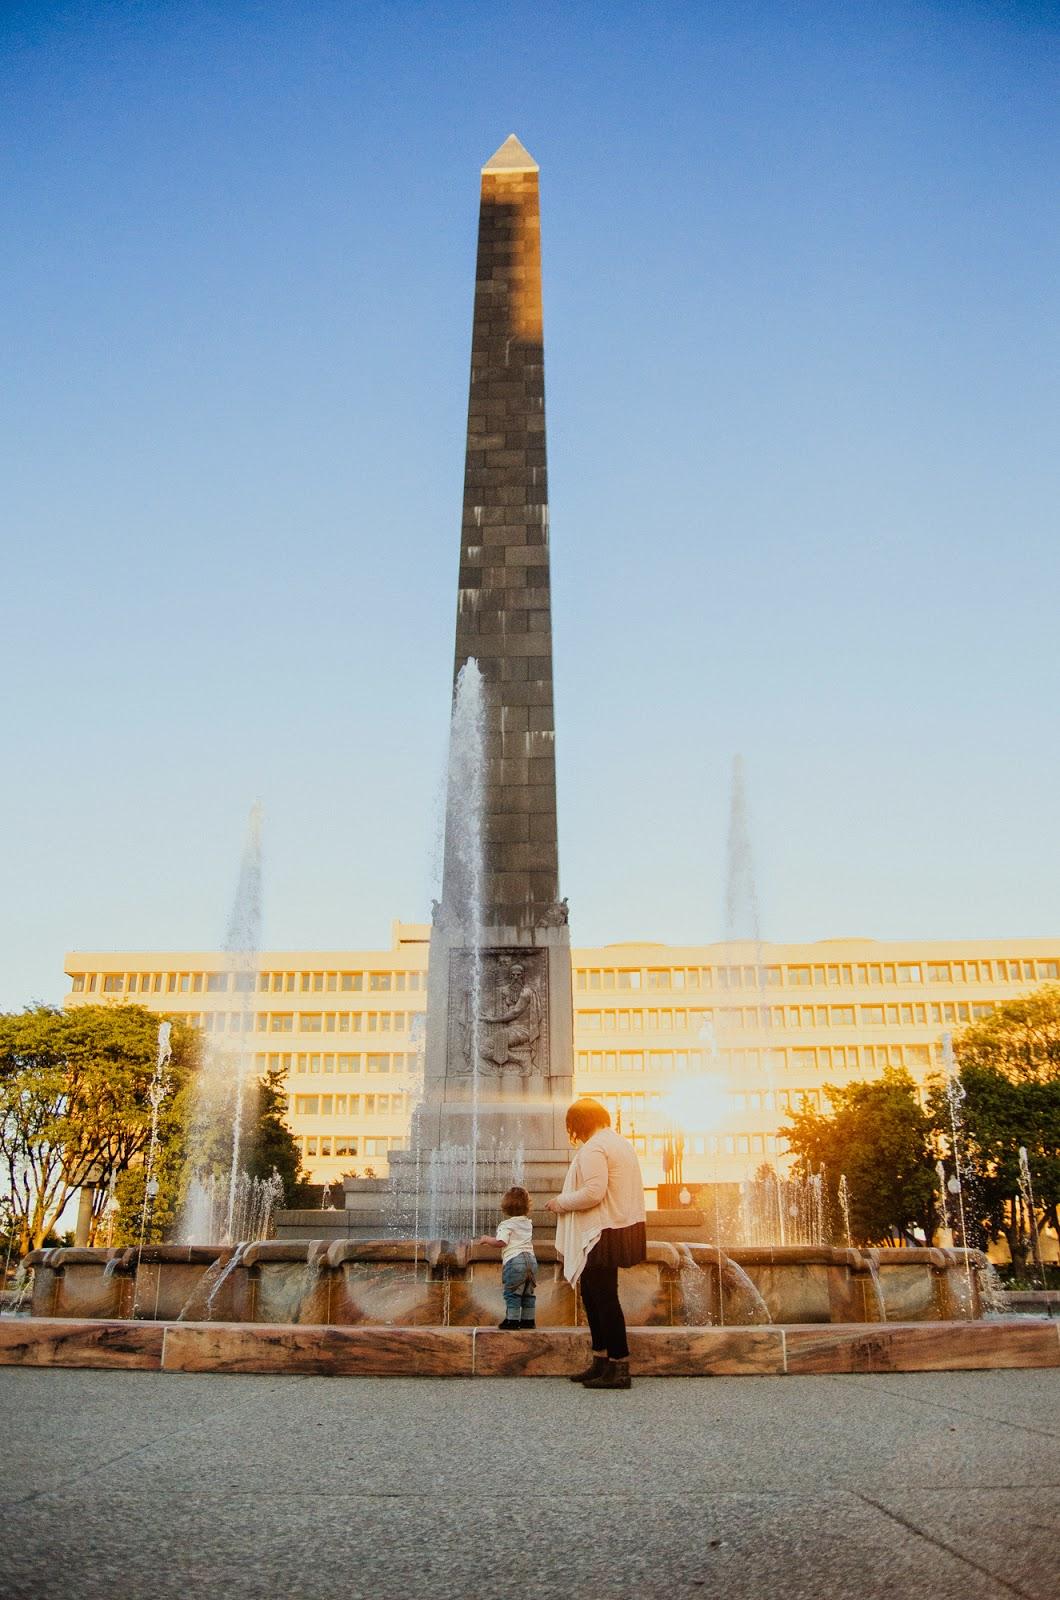 autumn at indinapolis war memorial fountain